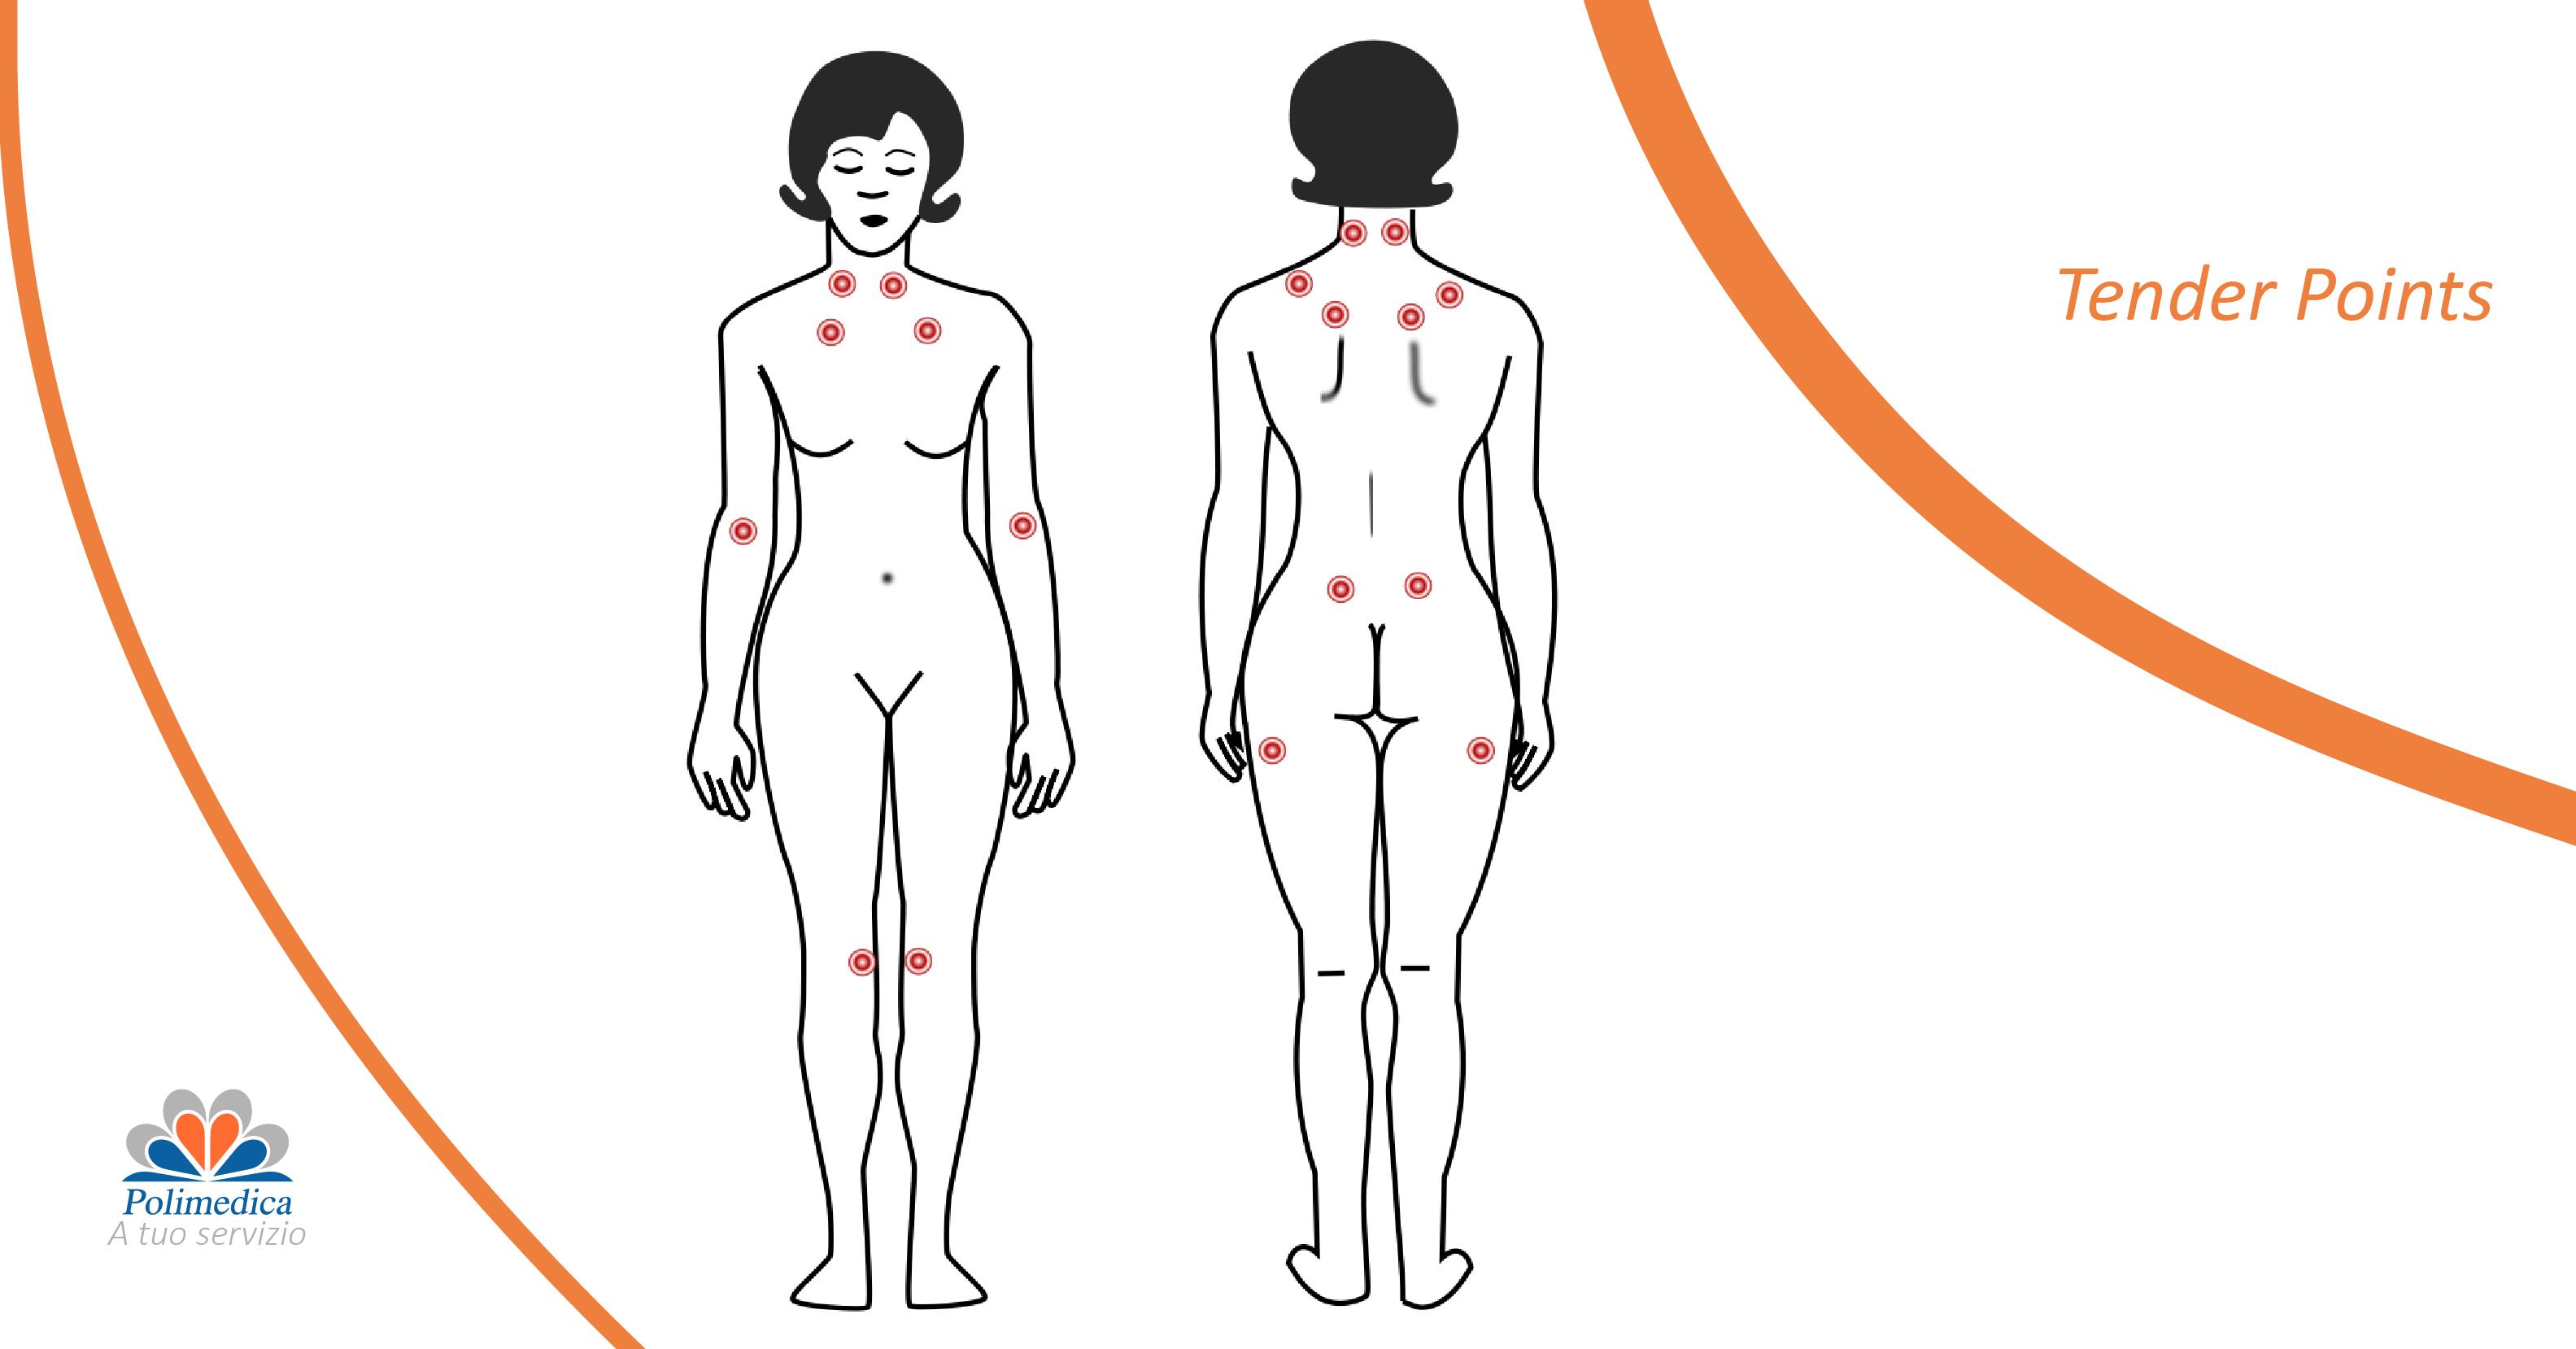 fibromialgia - tender points